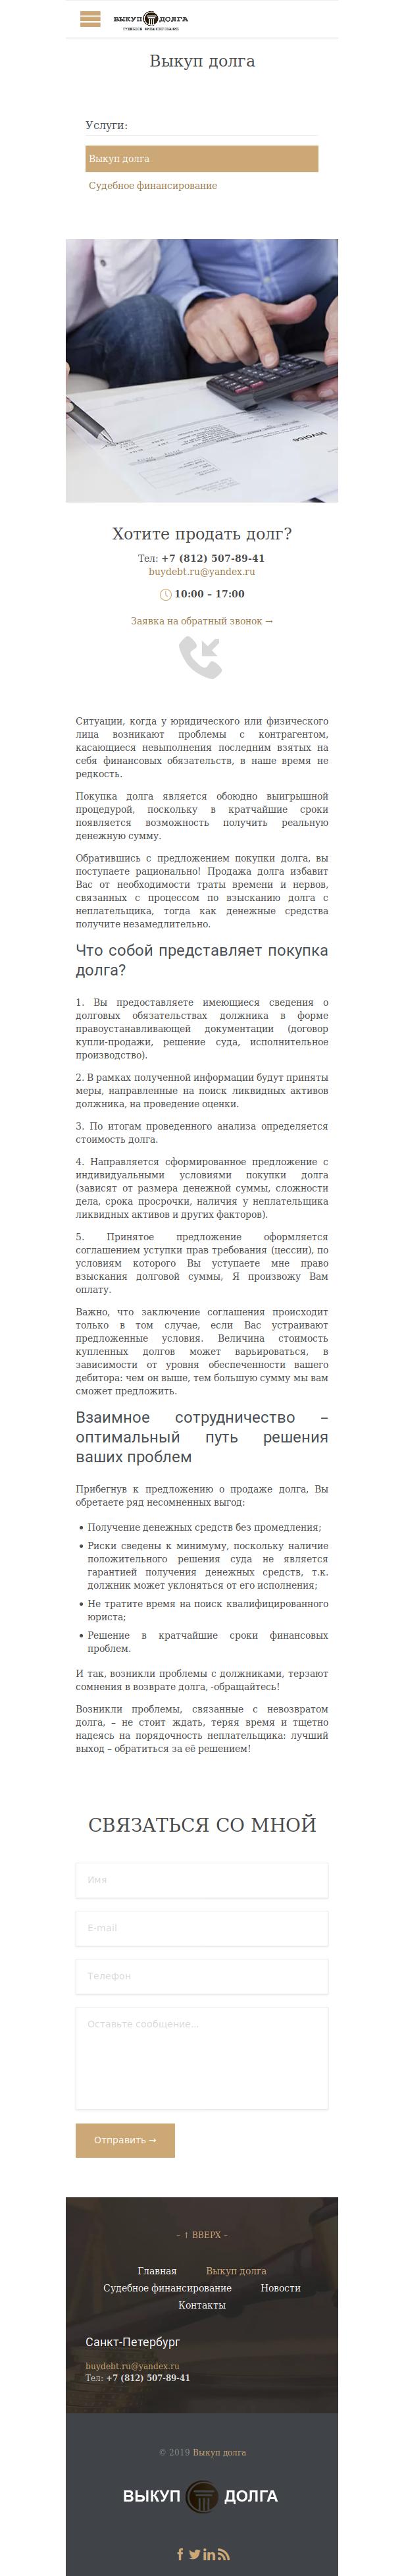 Портфолио Сайт Выкуп долга, Услуги - адаптивная